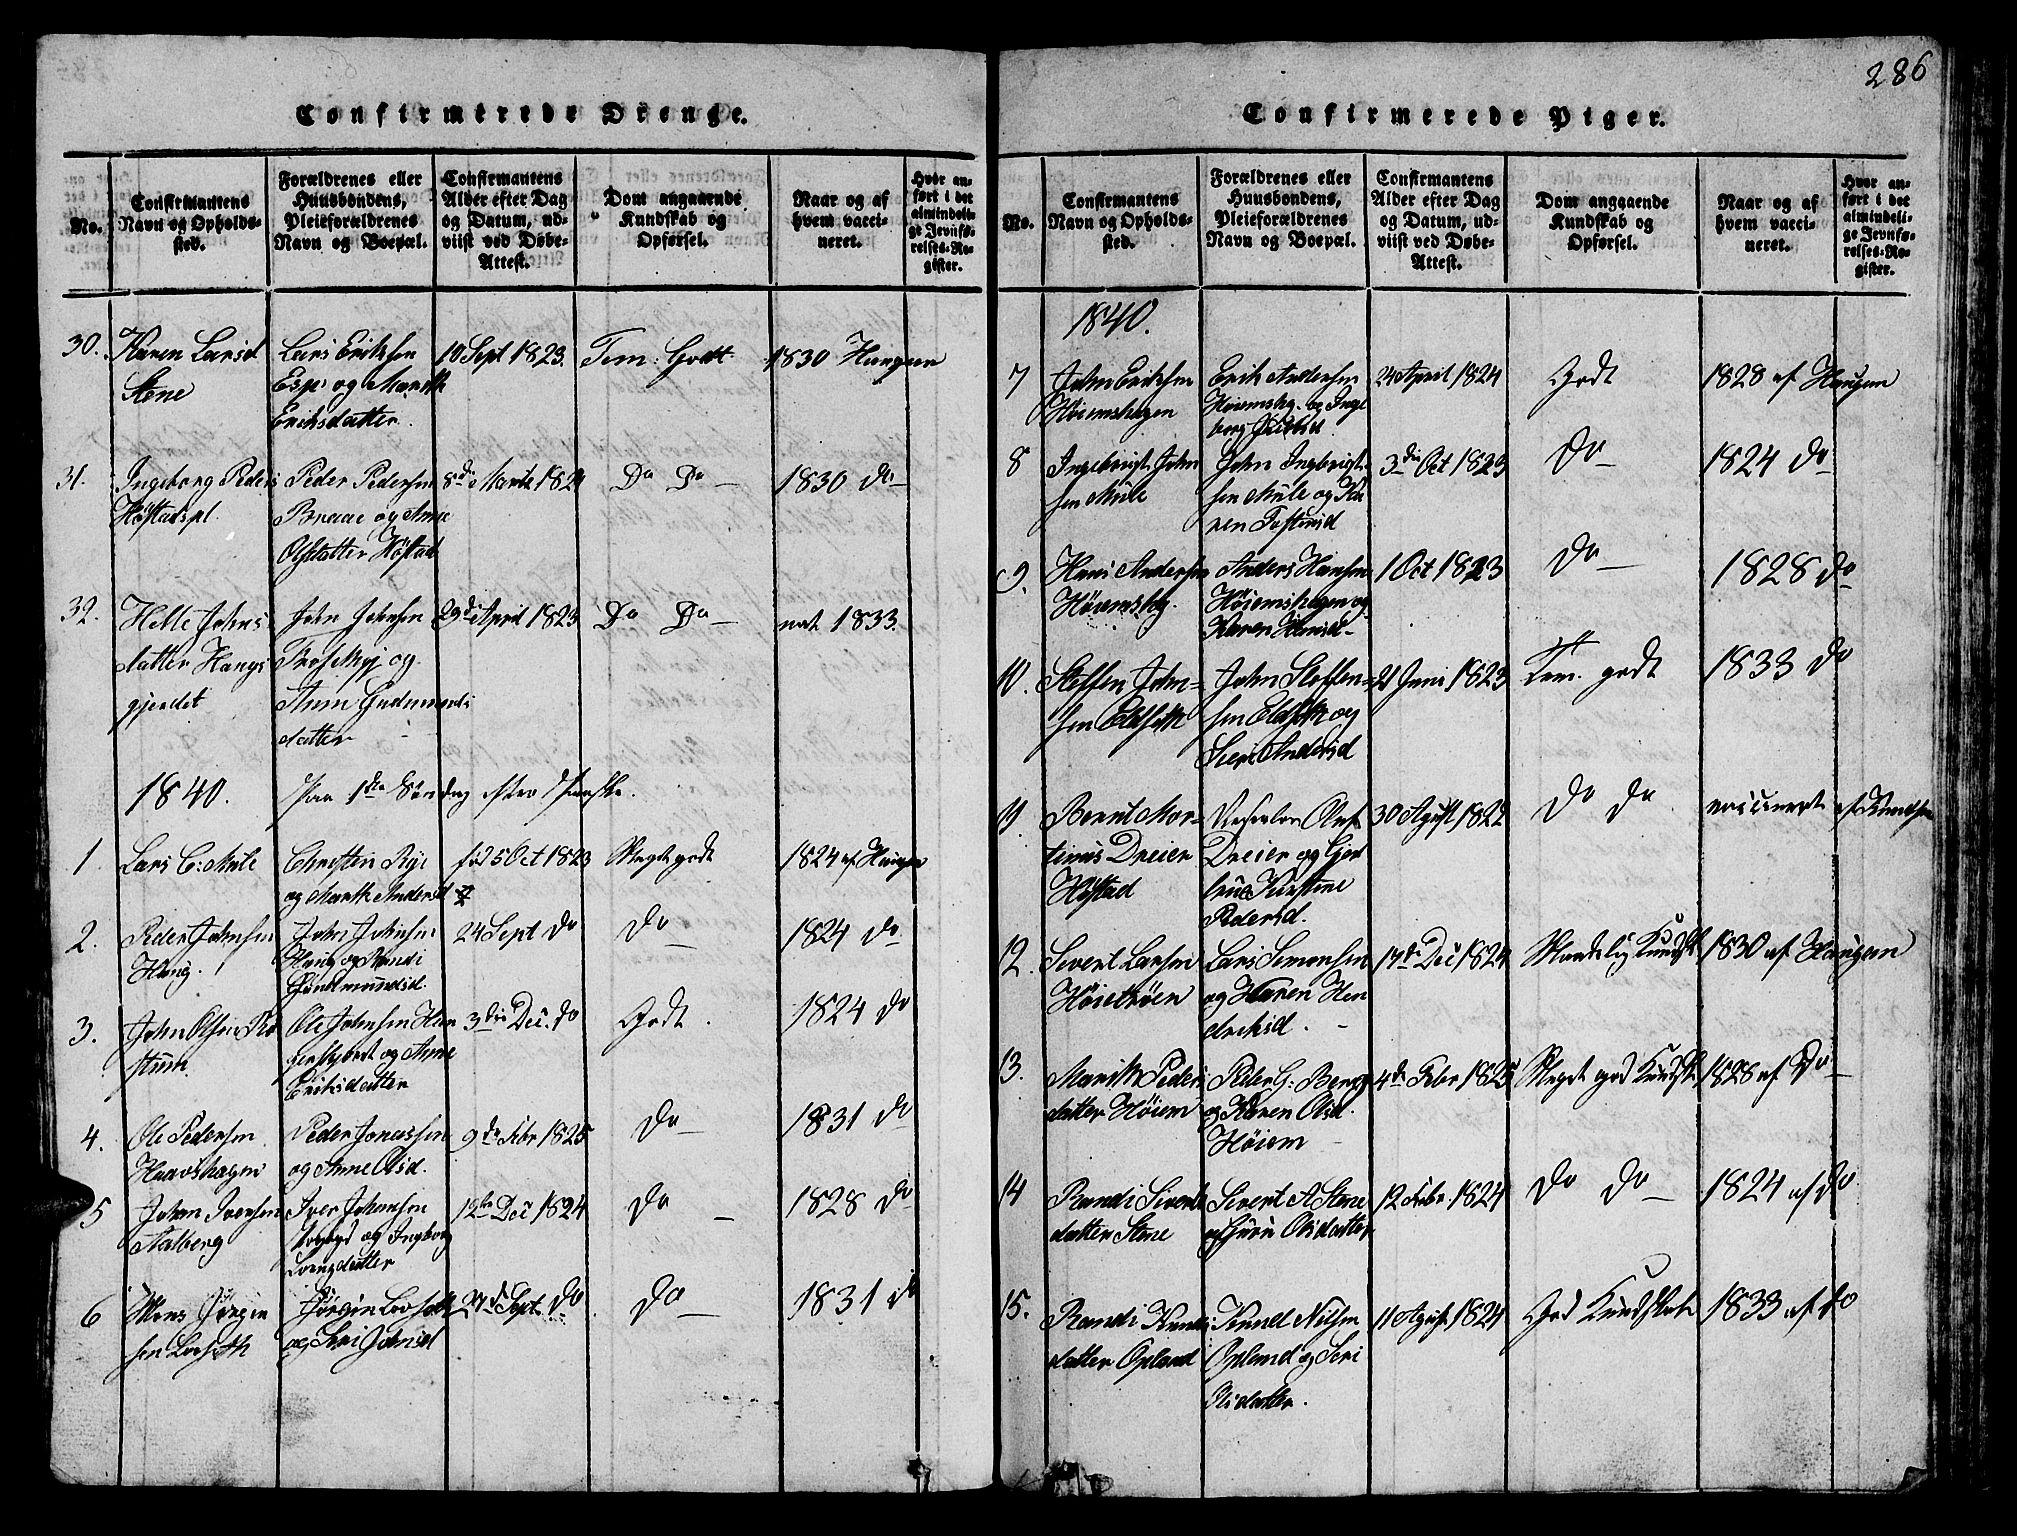 SAT, Ministerialprotokoller, klokkerbøker og fødselsregistre - Sør-Trøndelag, 612/L0385: Klokkerbok nr. 612C01, 1816-1845, s. 286